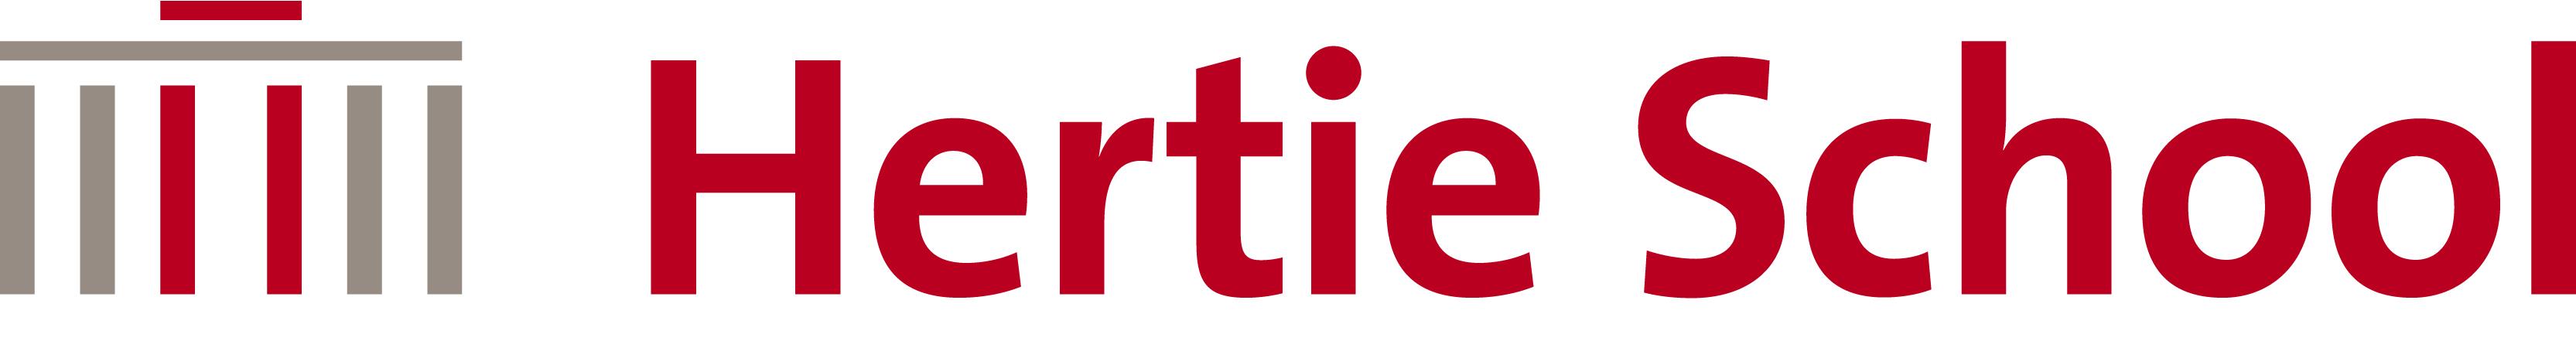 Hertie School Moodle